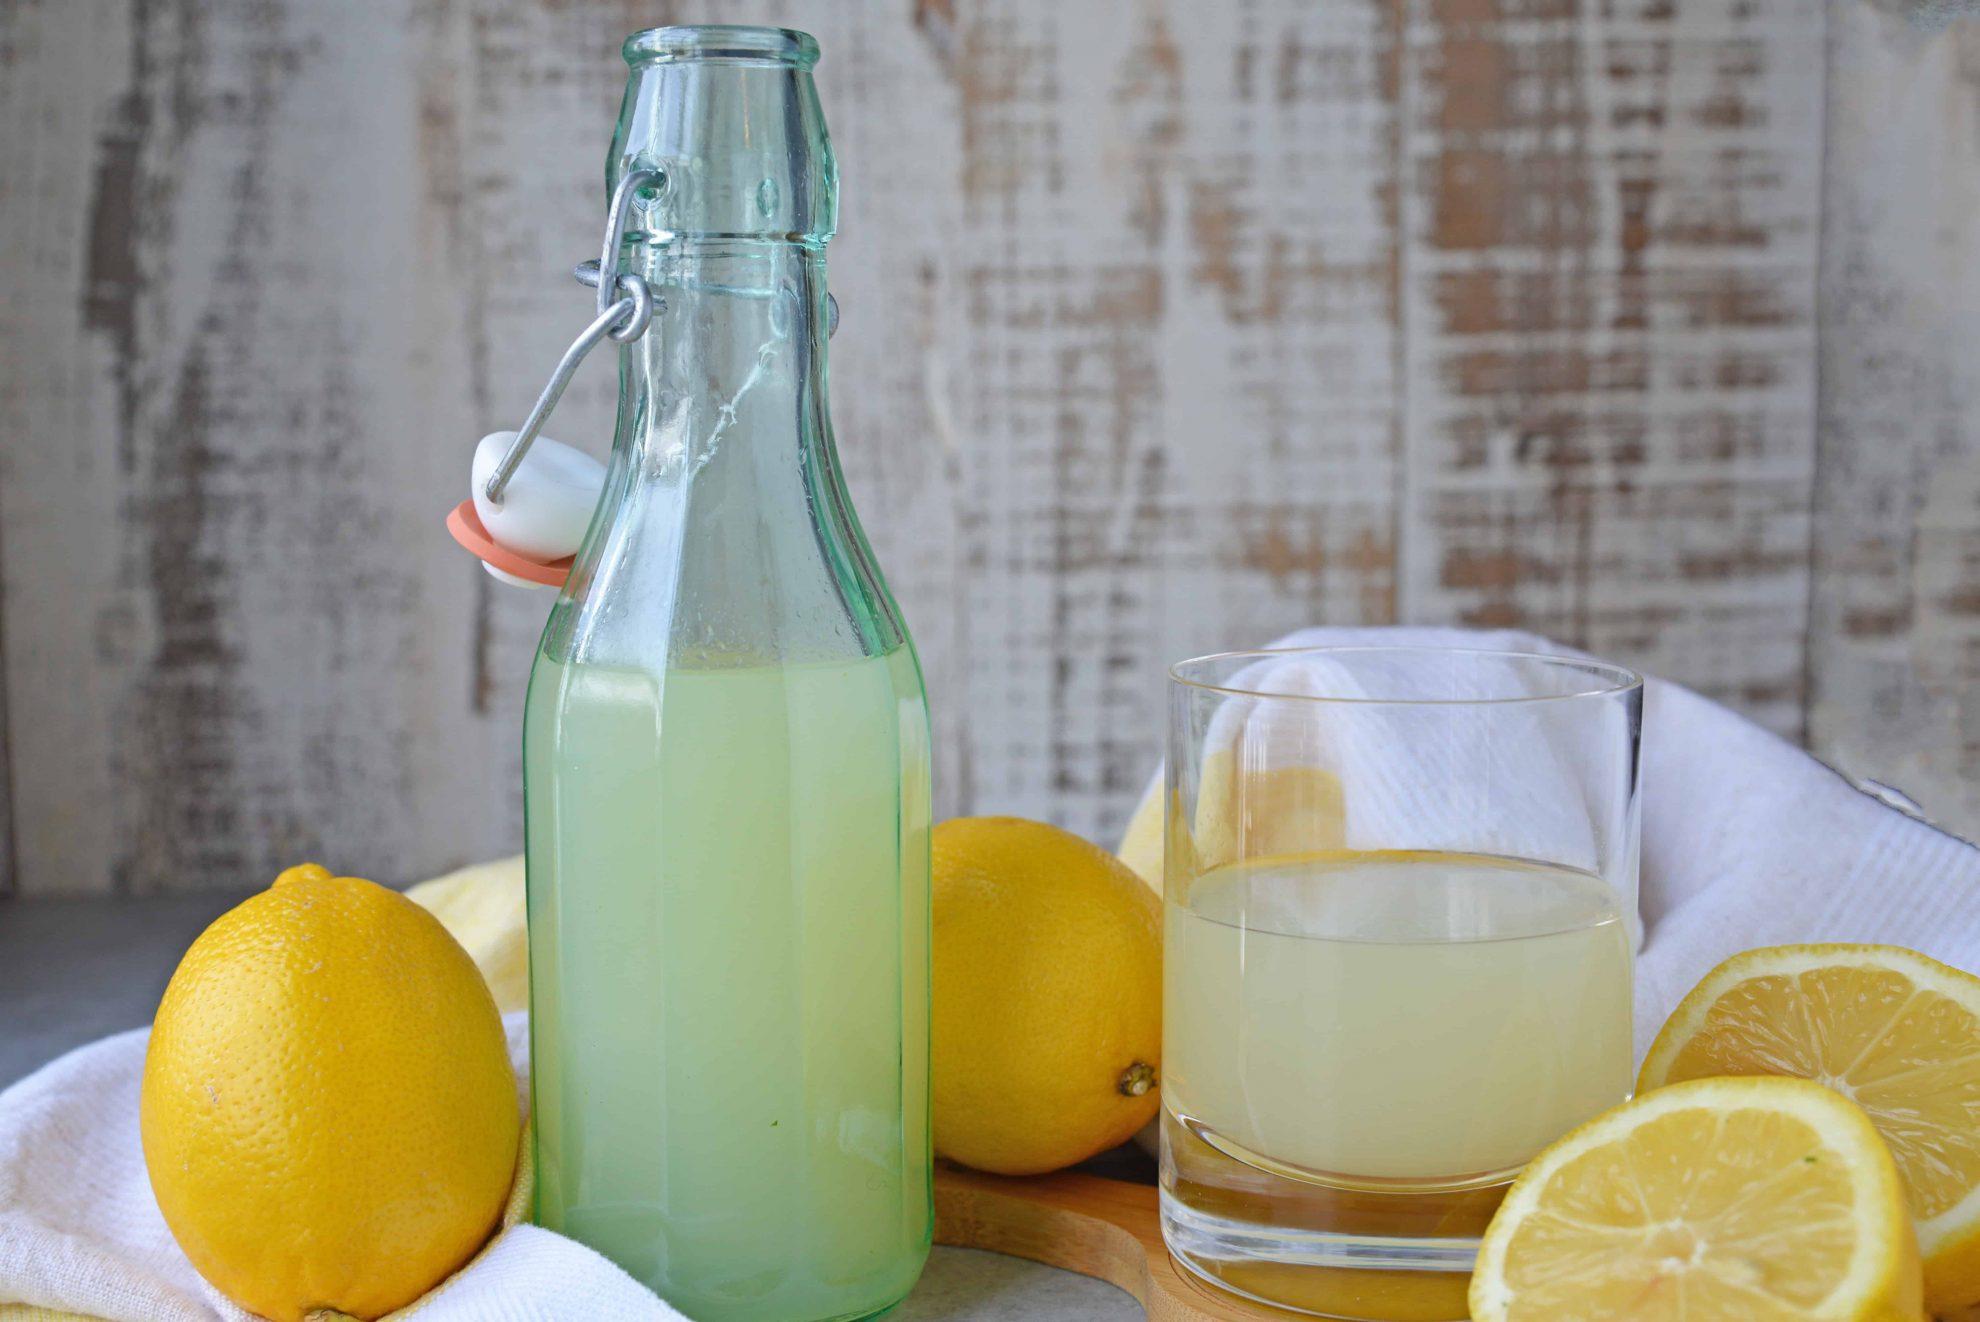 Limoncello liqueur at home: a recipe 79